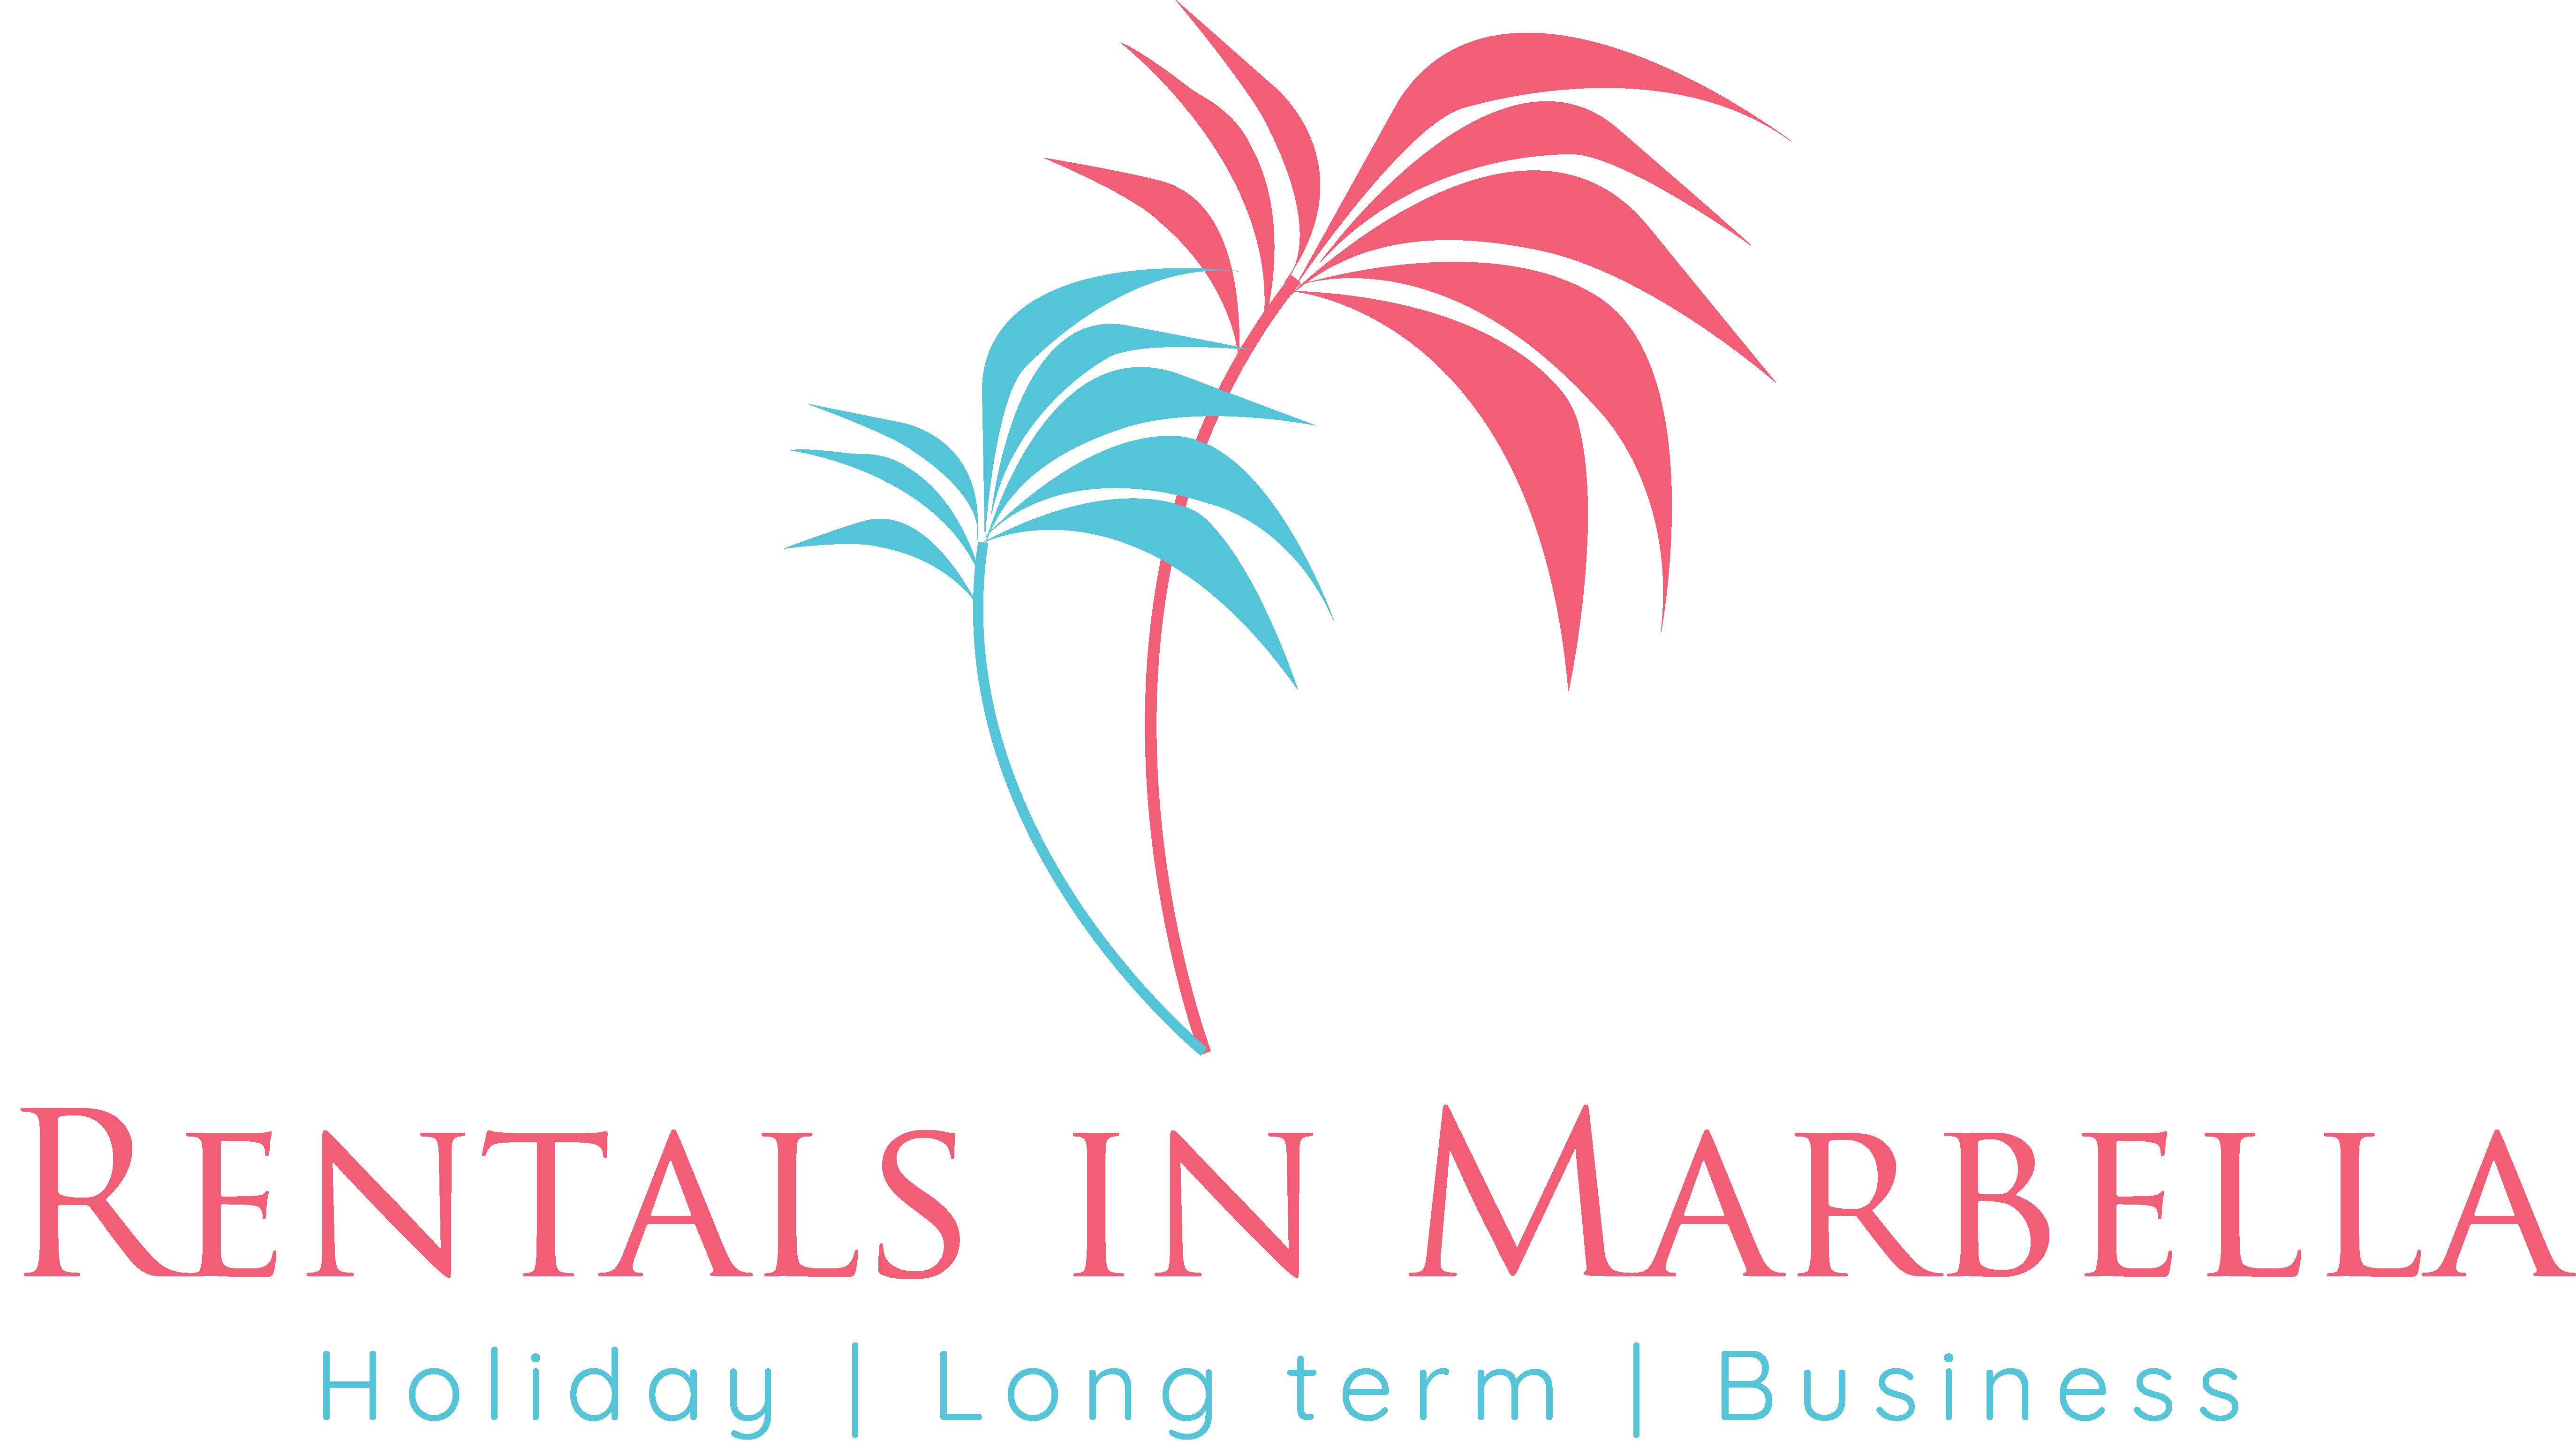 Rentals In Marbella